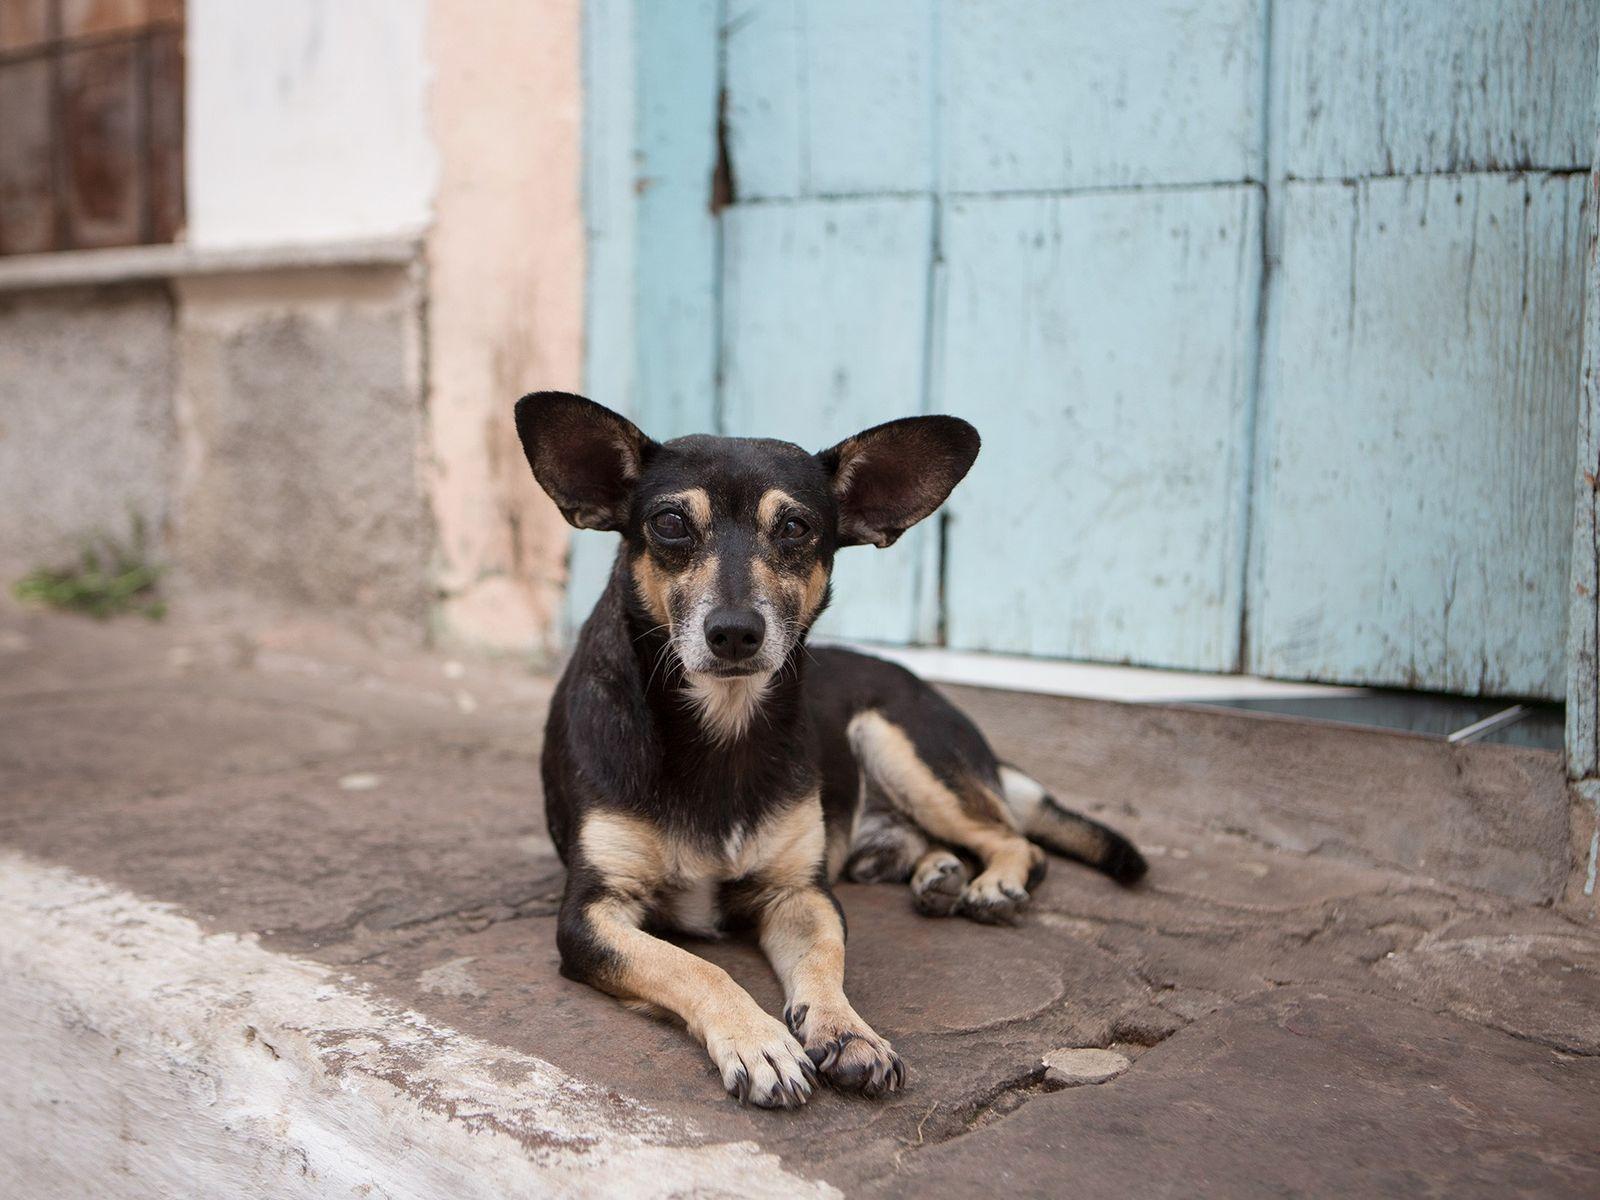 Pesquisa pode melhorar a convivência entre pessoas e caninos nômades, que chegam a centenas de milhares ...